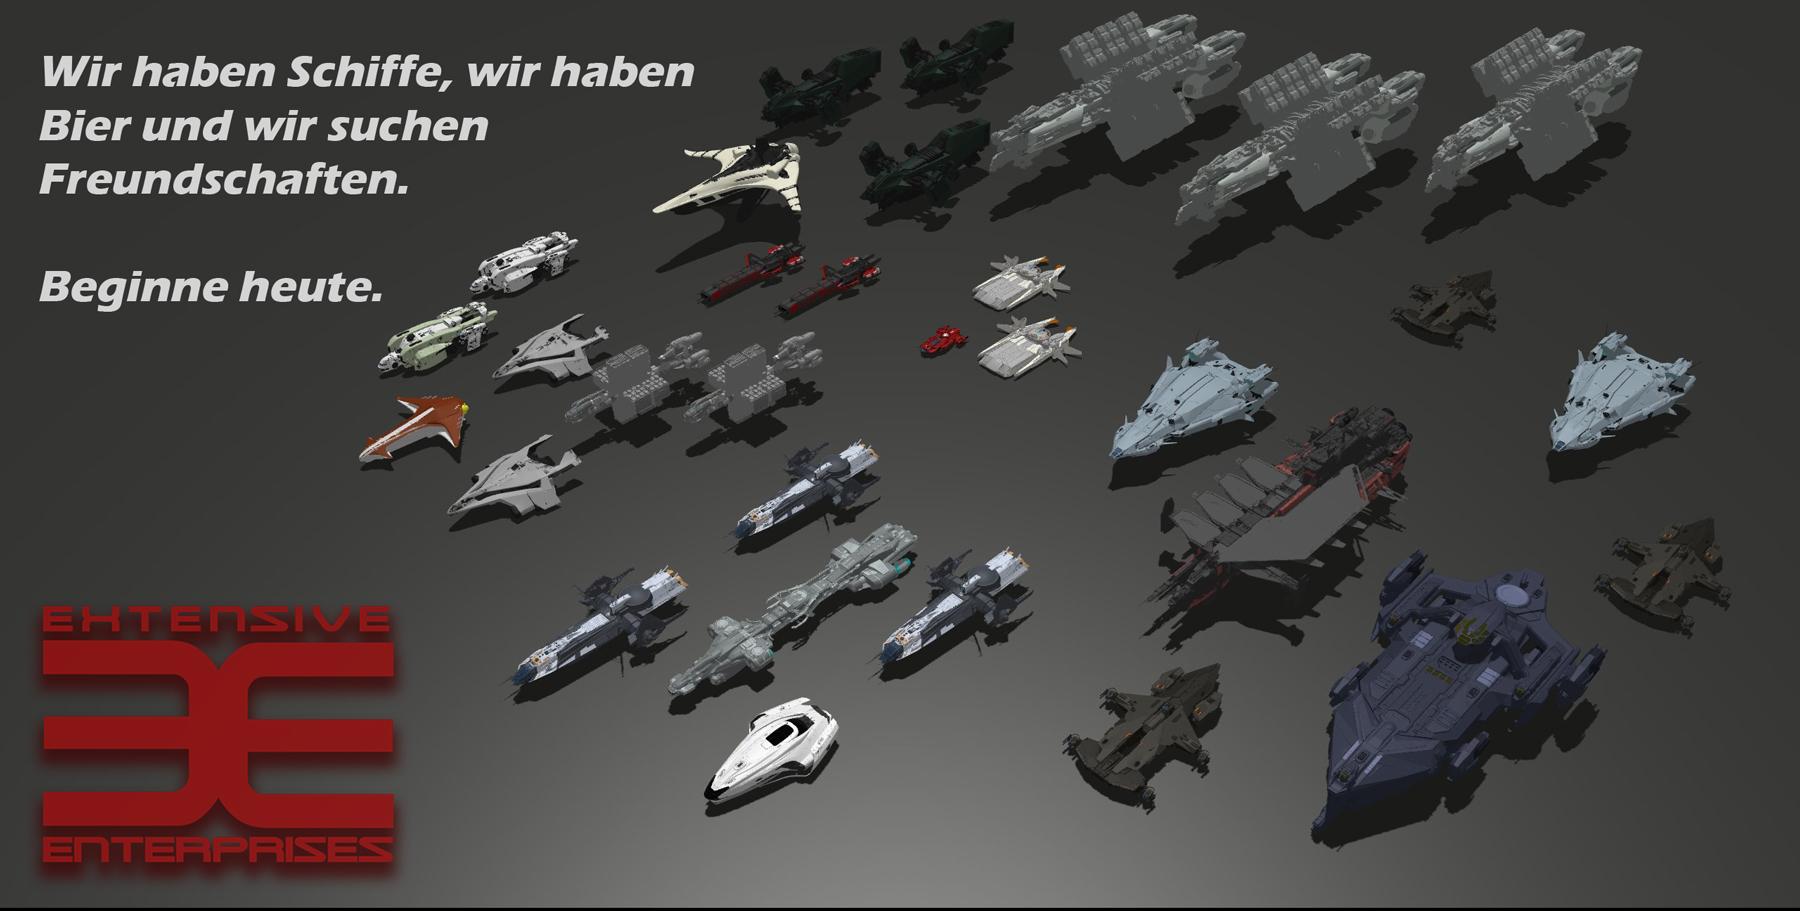 Extent-Deep-Space-Deutsch.jpg.bb6a27070d1245dcf9938b623aec78a5.jpg